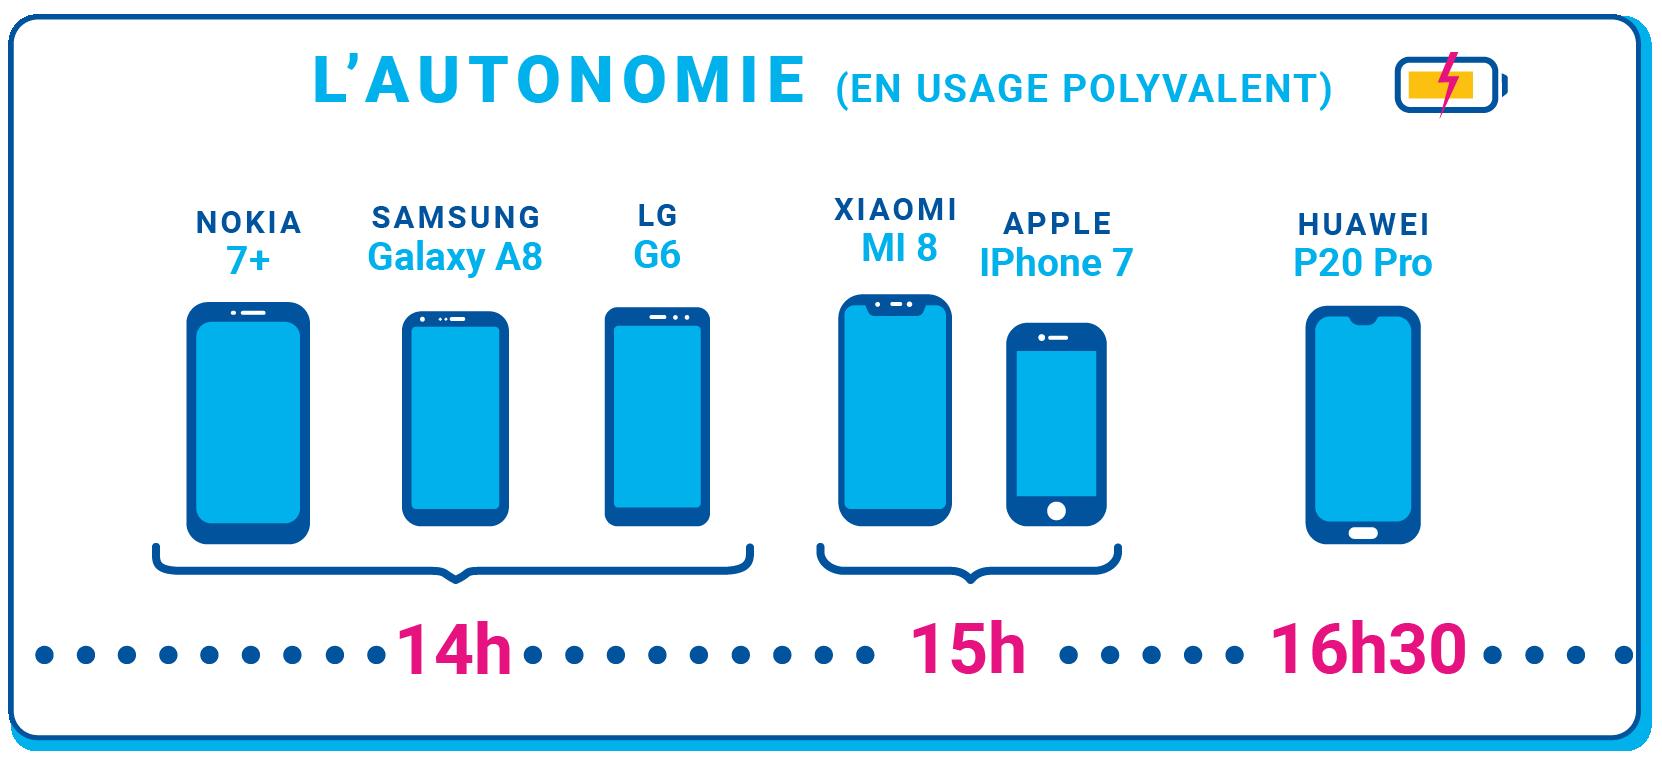 Autonomie de la batterie des différents smartphones